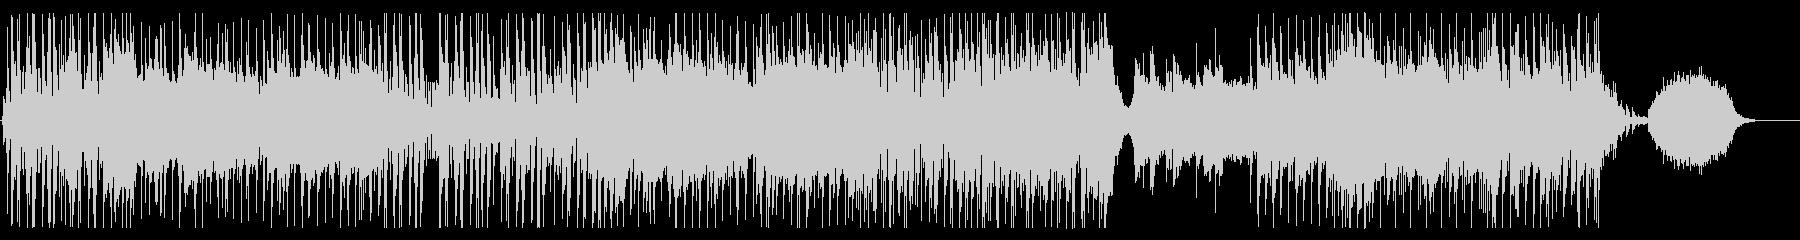 爽やかなギターポップ-Aの未再生の波形